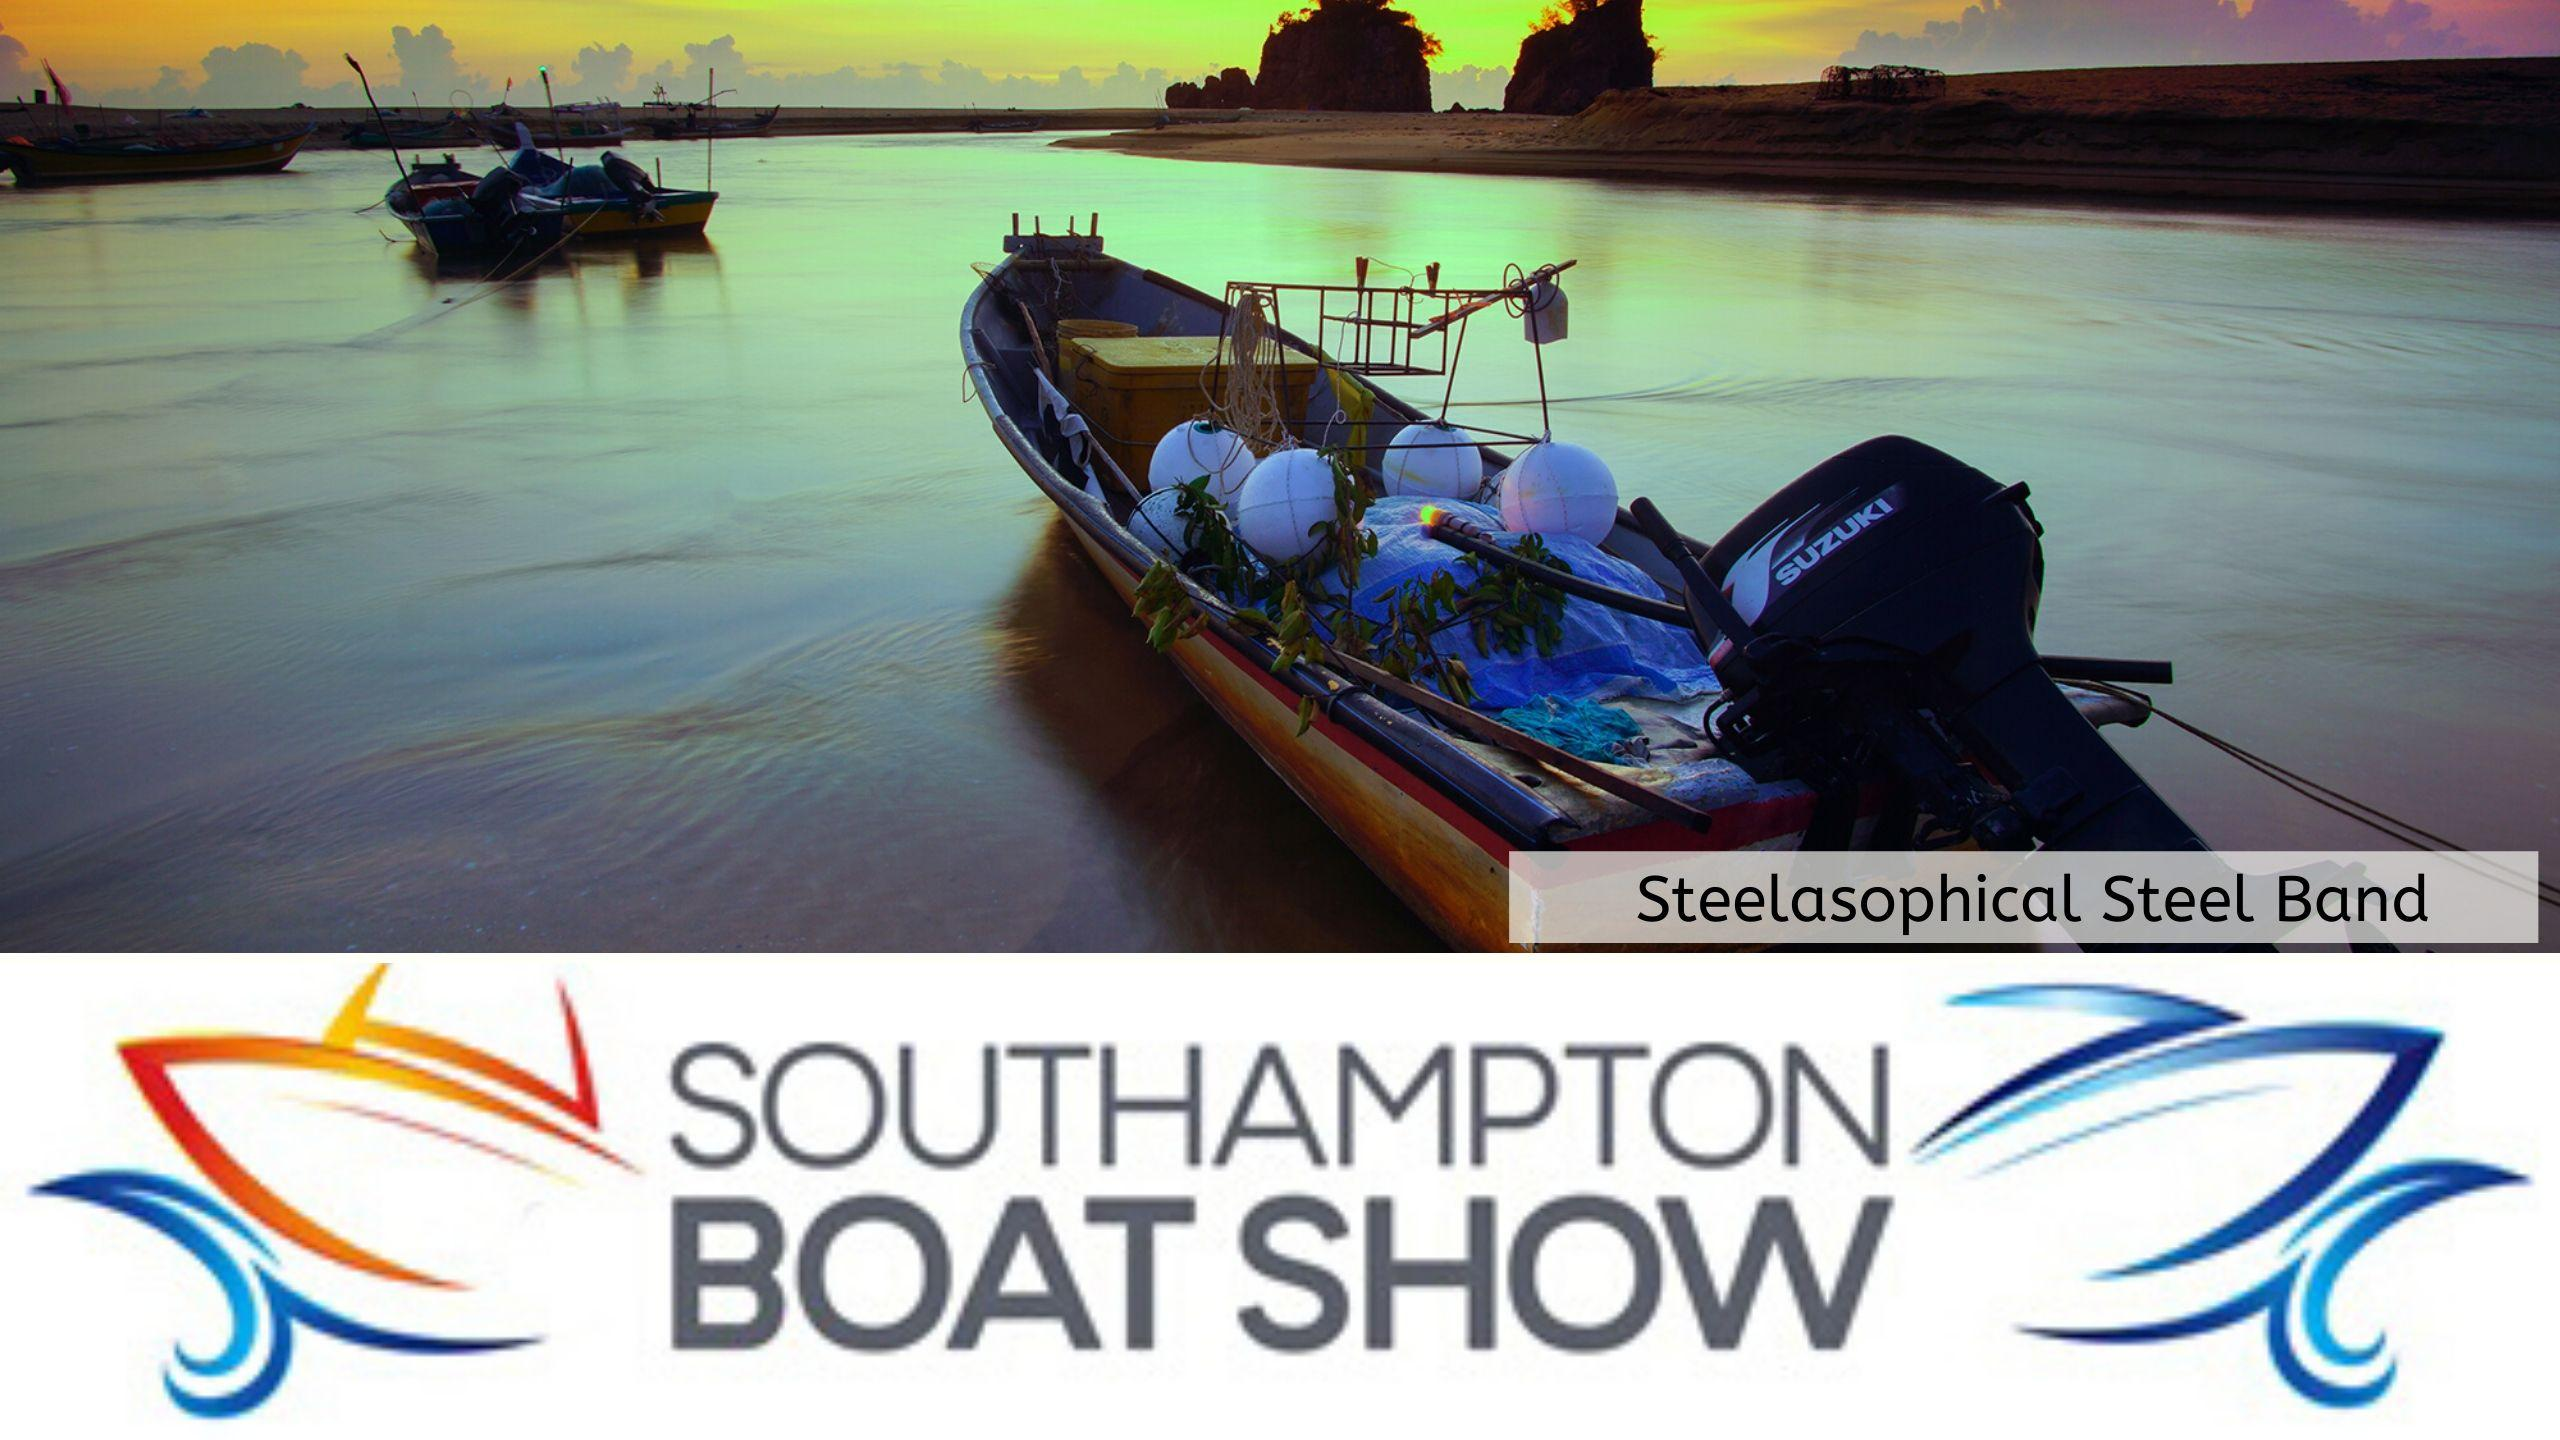 Steelasophical Steel Band Southampton Boat Show Yacht Market dt3tt3